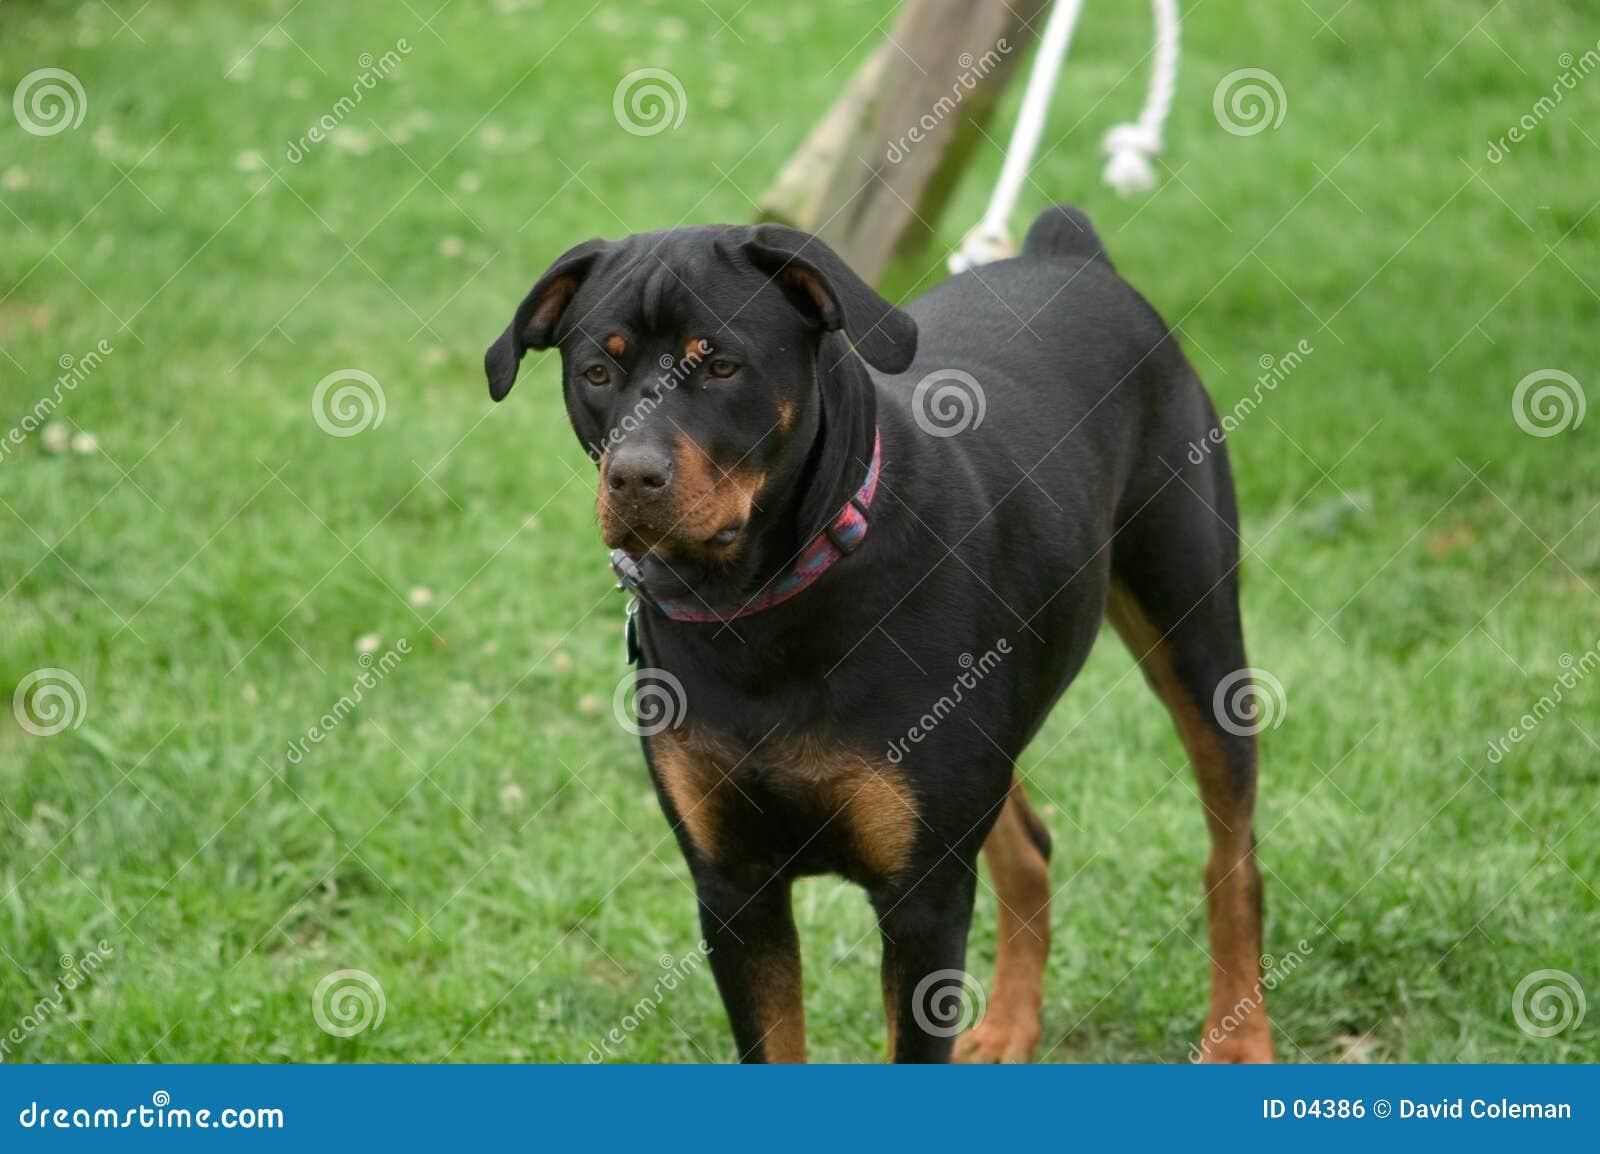 Rottweiler on a leash